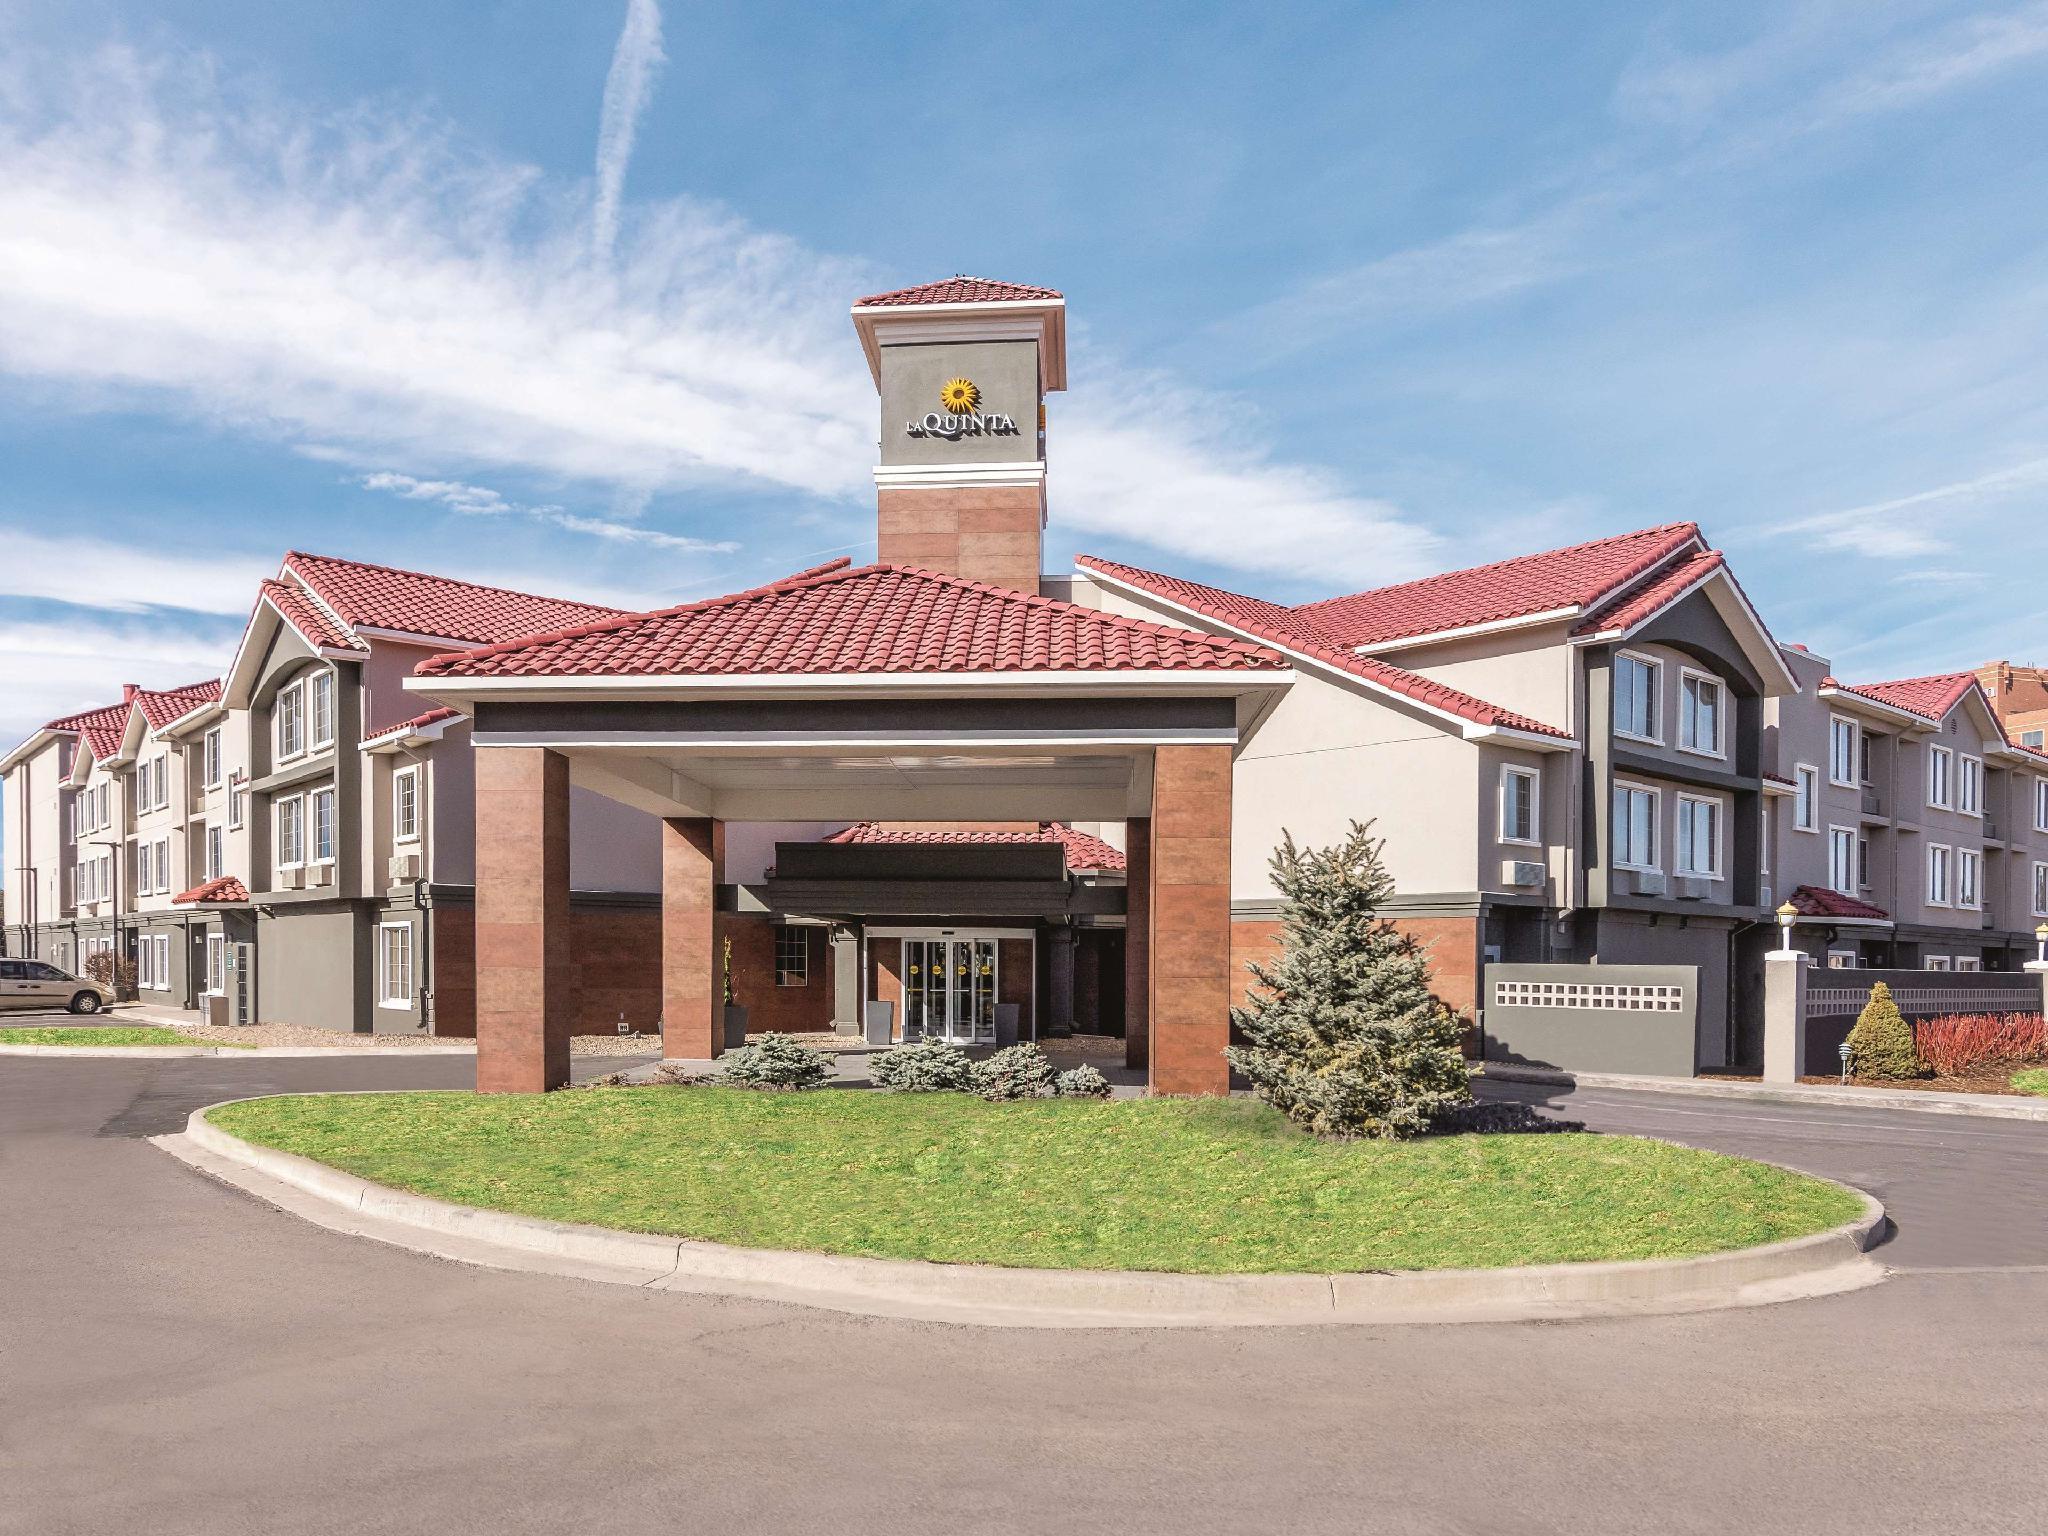 La Quinta Inn And Suites By Wyndham Denver Tech Center